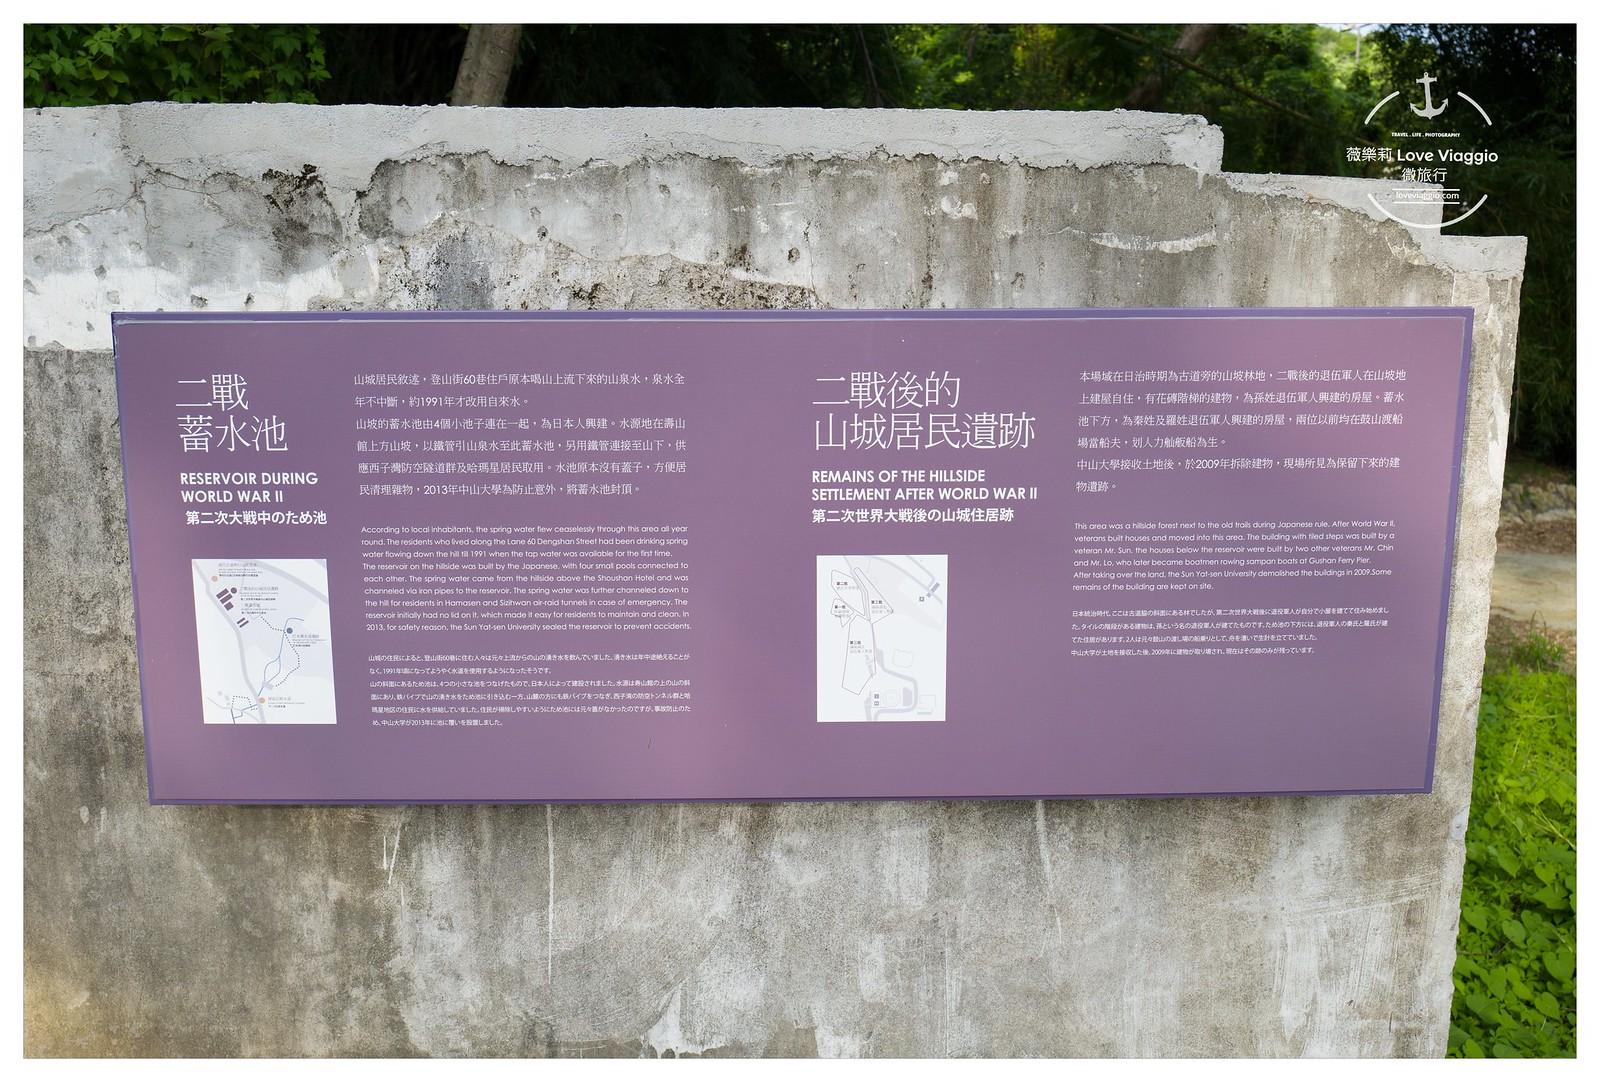 【高雄 Kaohsiung】全台最長壽山哈瑪星溜滑梯 哈瑪星歷史場域 高雄武德殿 @薇樂莉 Love Viaggio | 旅行.生活.攝影